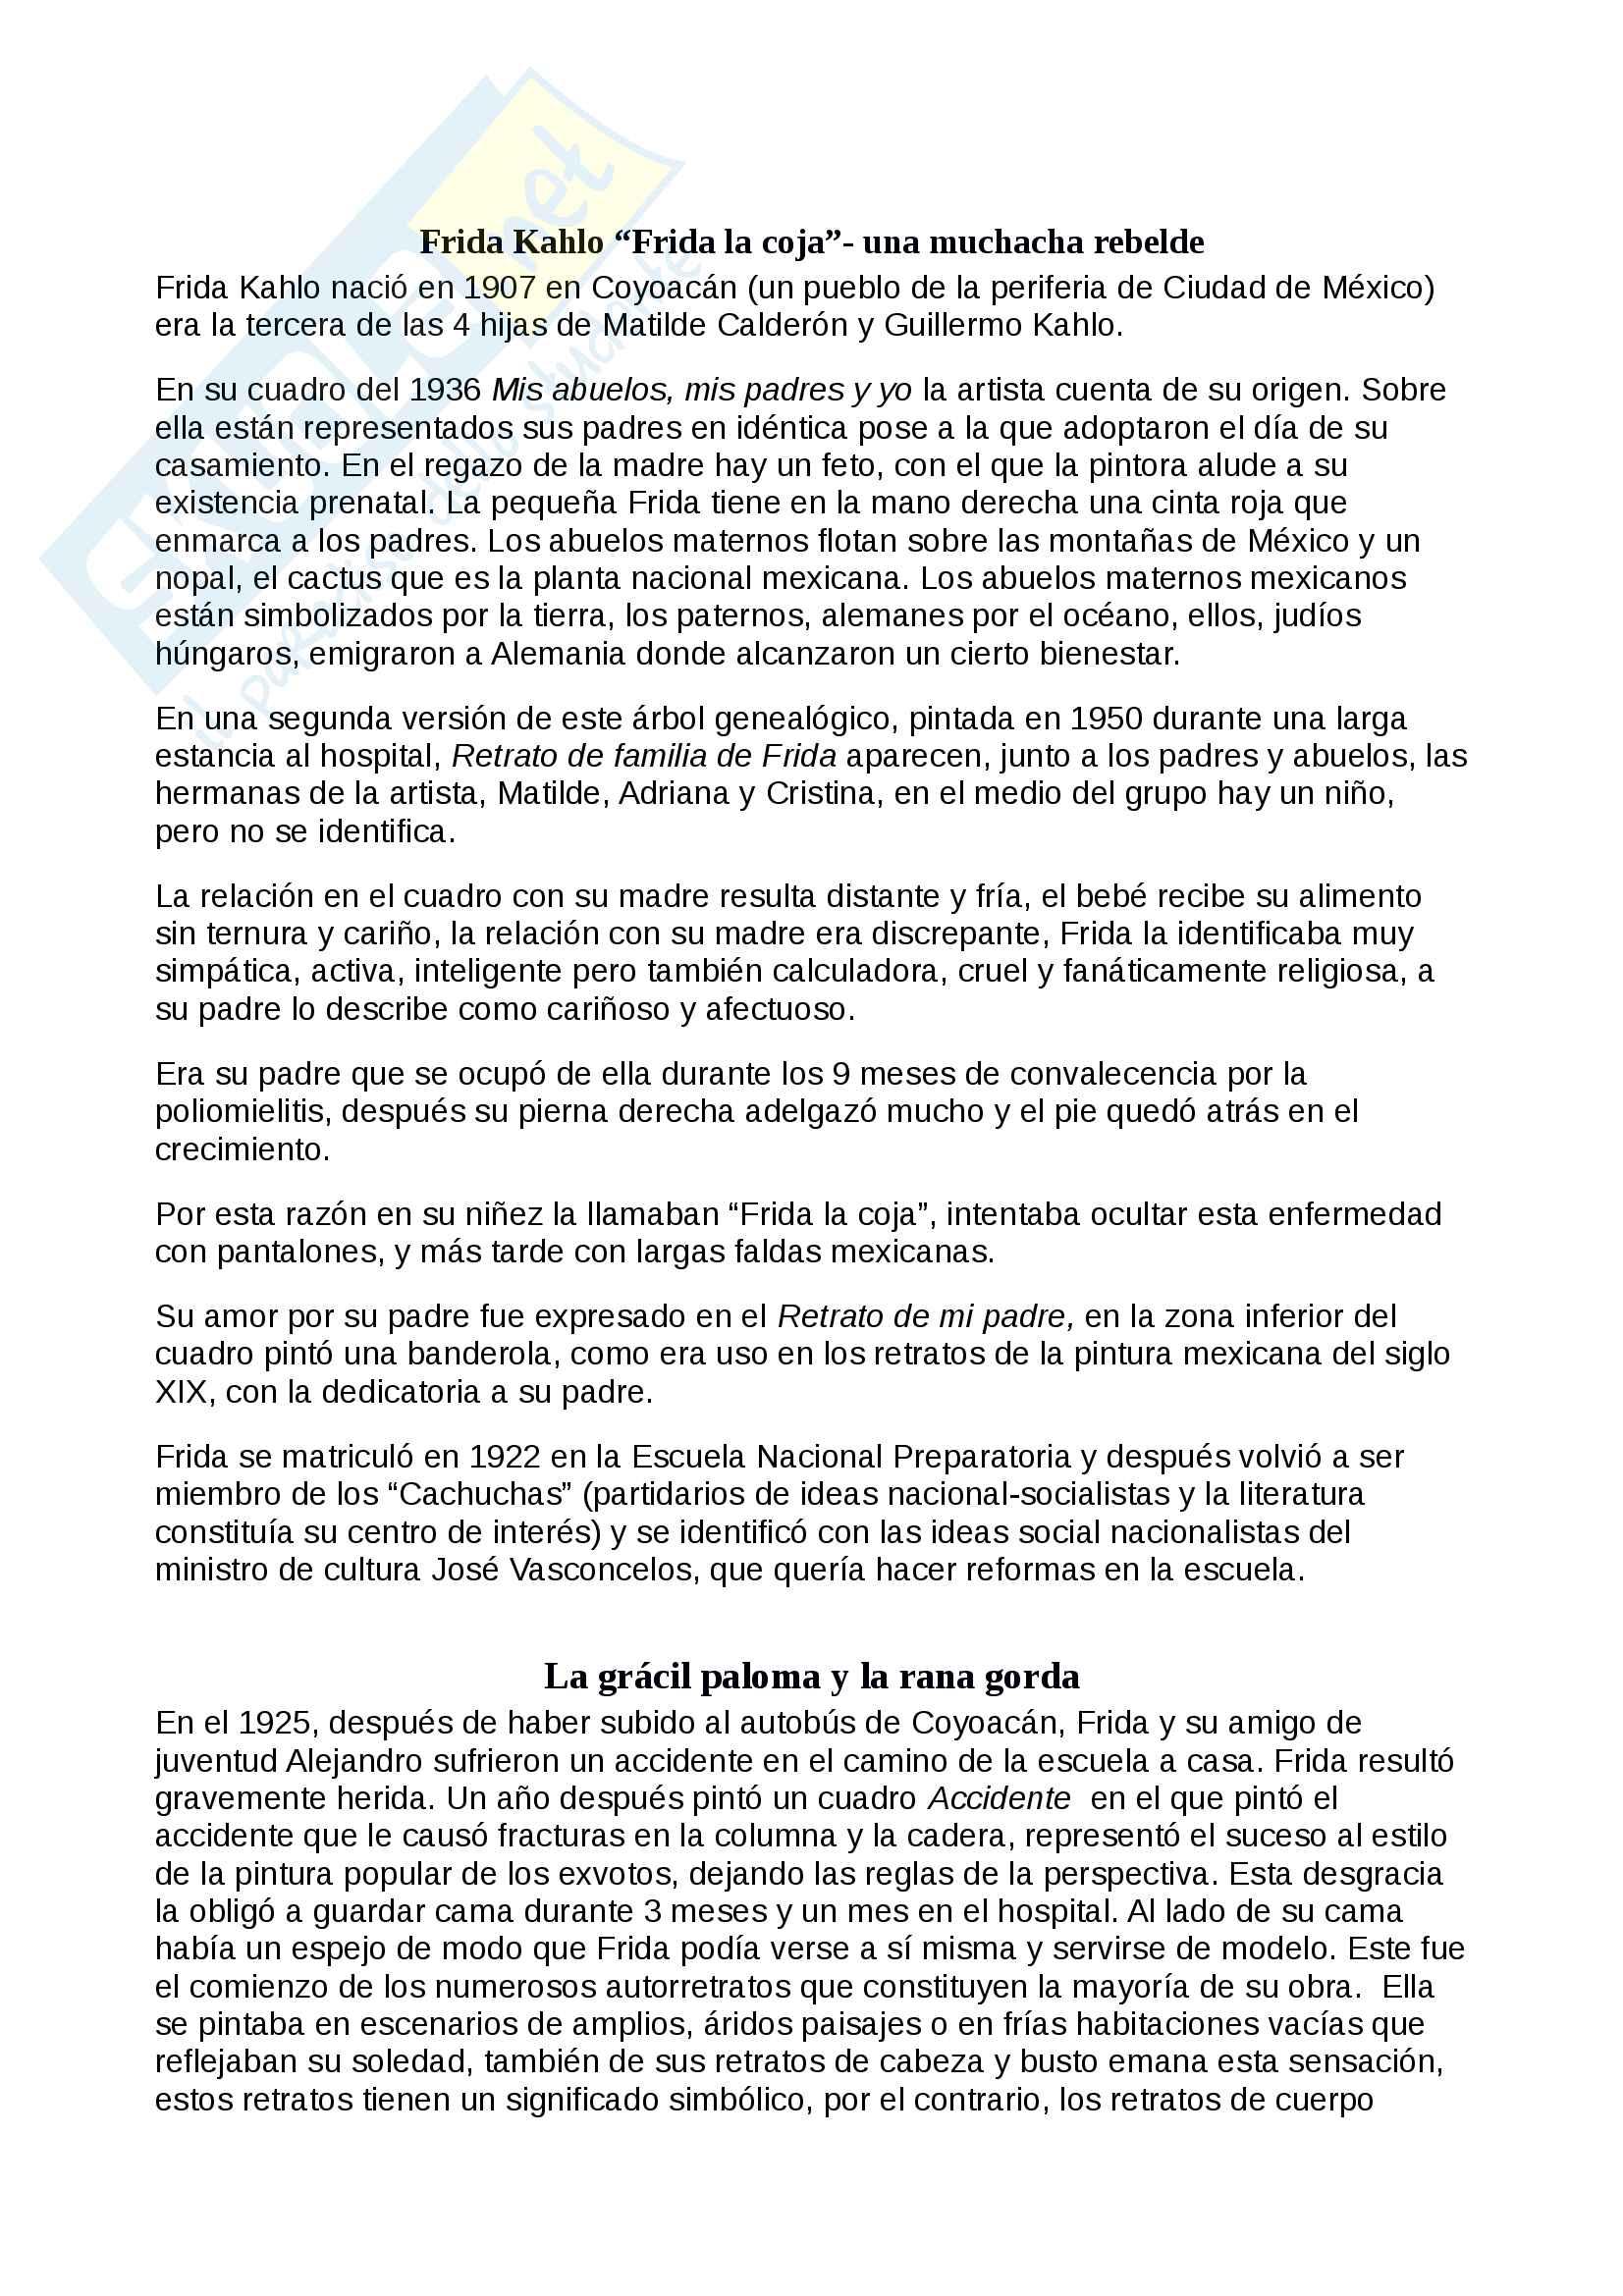 Riassunti di cultura spagnola in spagnolo su: Migración y frontera entre México y Estados Unidos, Vida y obras de la pintora mexicana Frida Kahlo